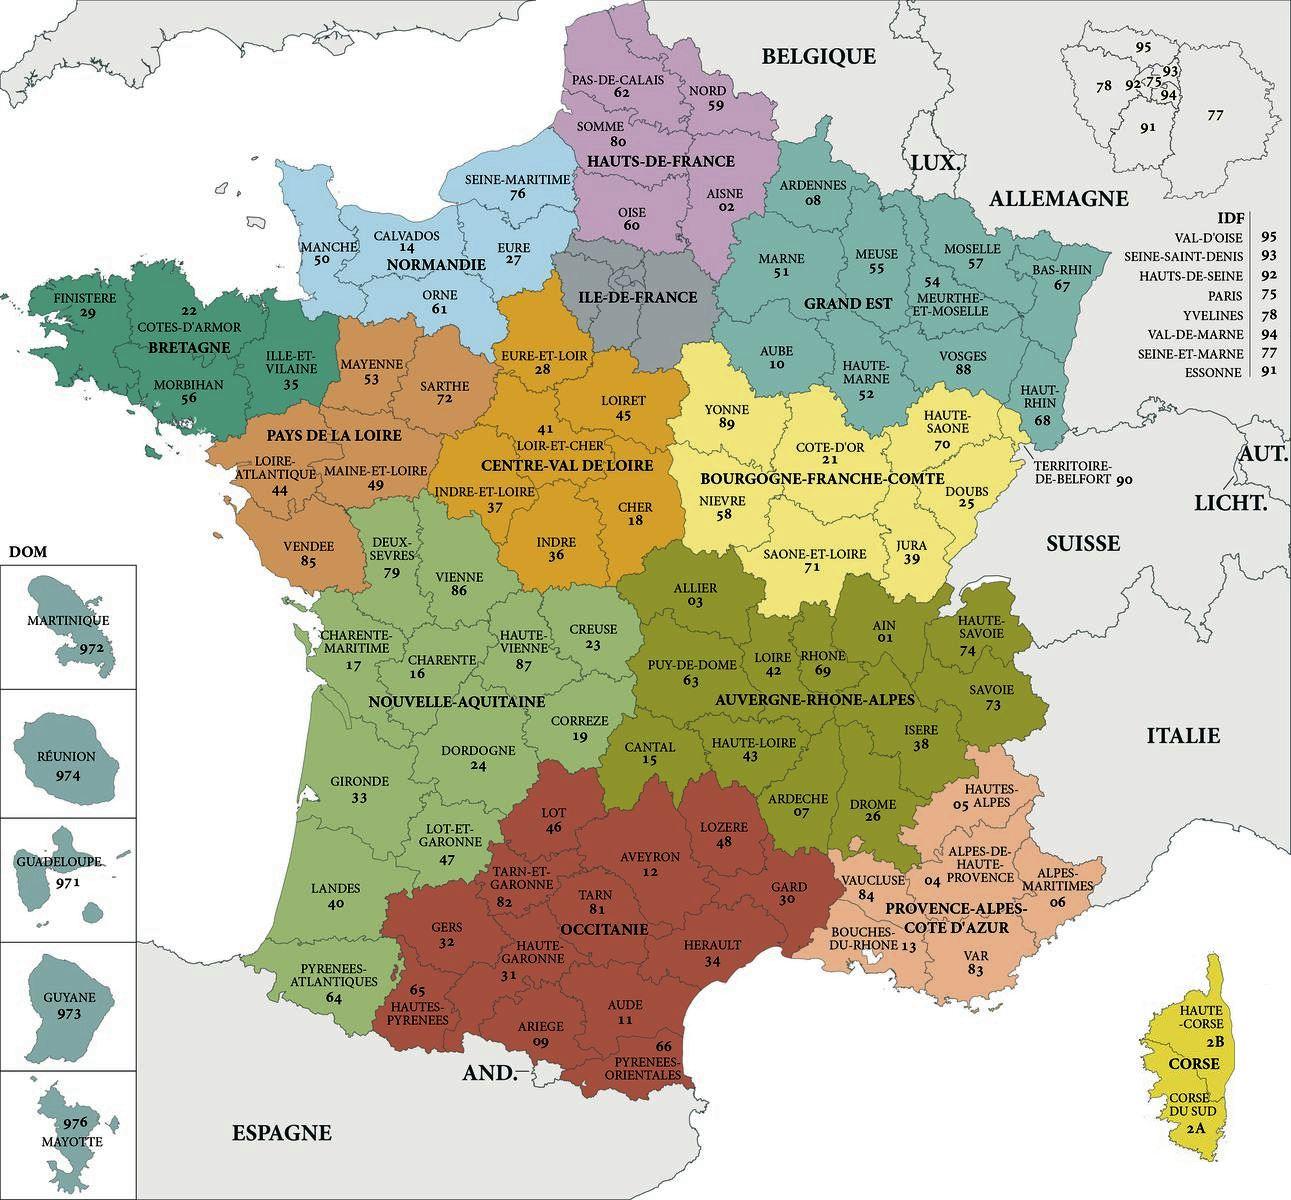 Carte De France Departements : Carte Des Départements De France avec Imprimer Une Carte De France